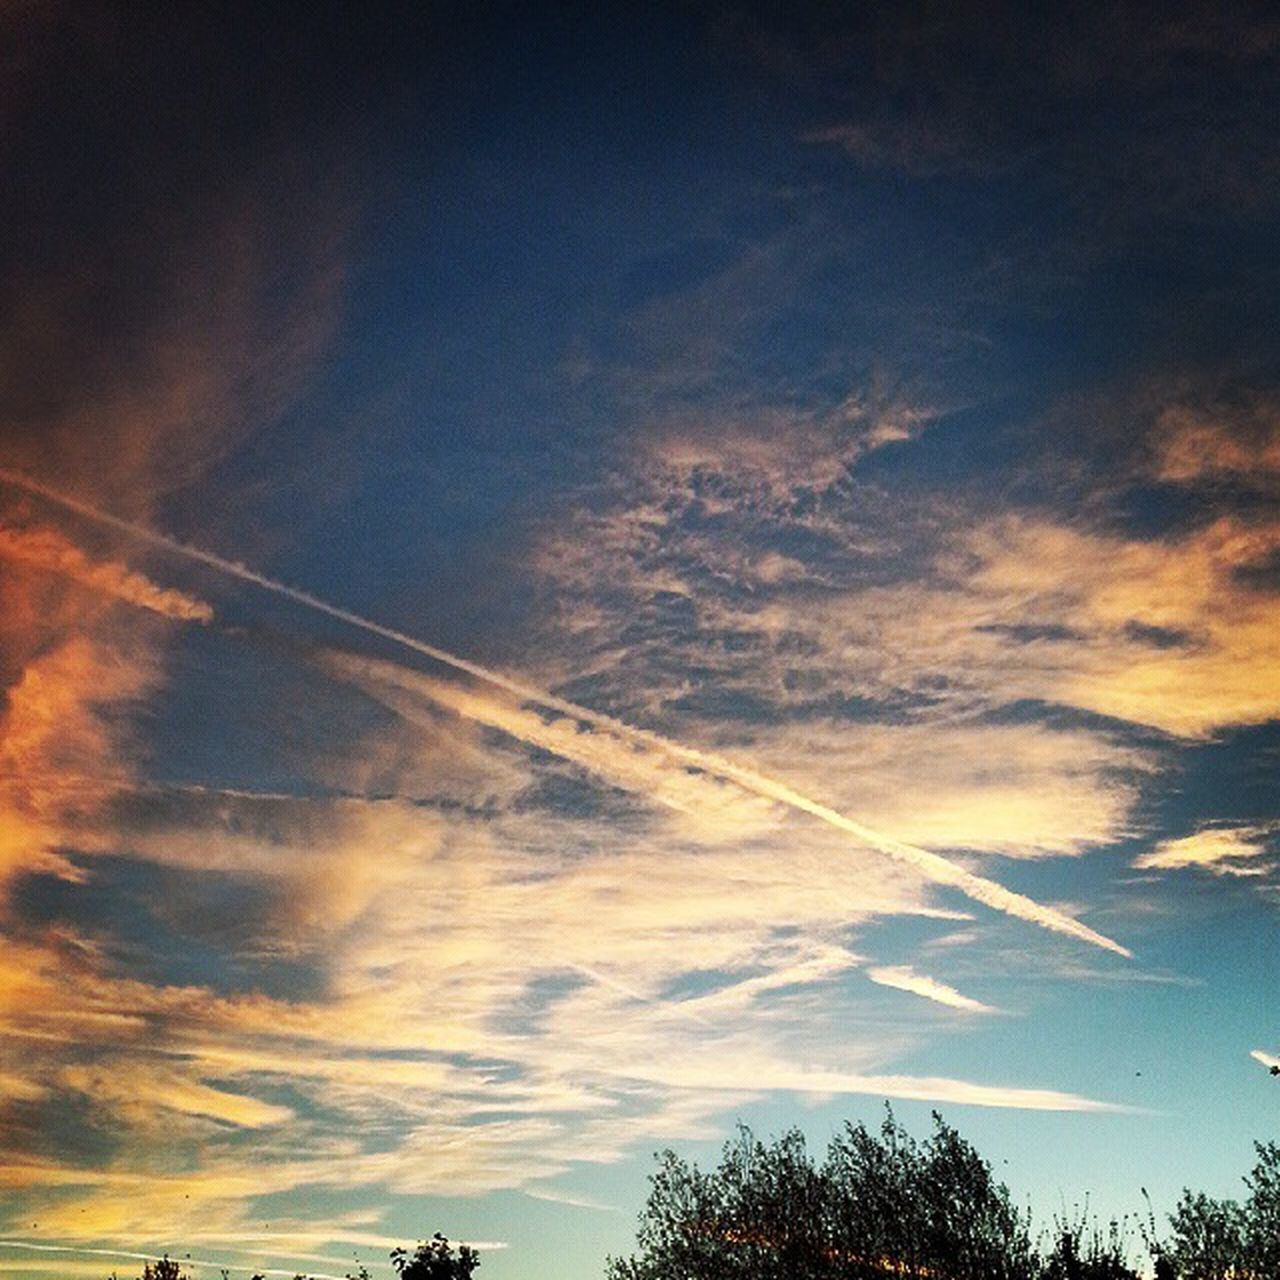 Monday morning skies Shepherdswarning Mondaymorning Sunrise_sunsets_aroundworld Sky Skyporn Shepherds Warning